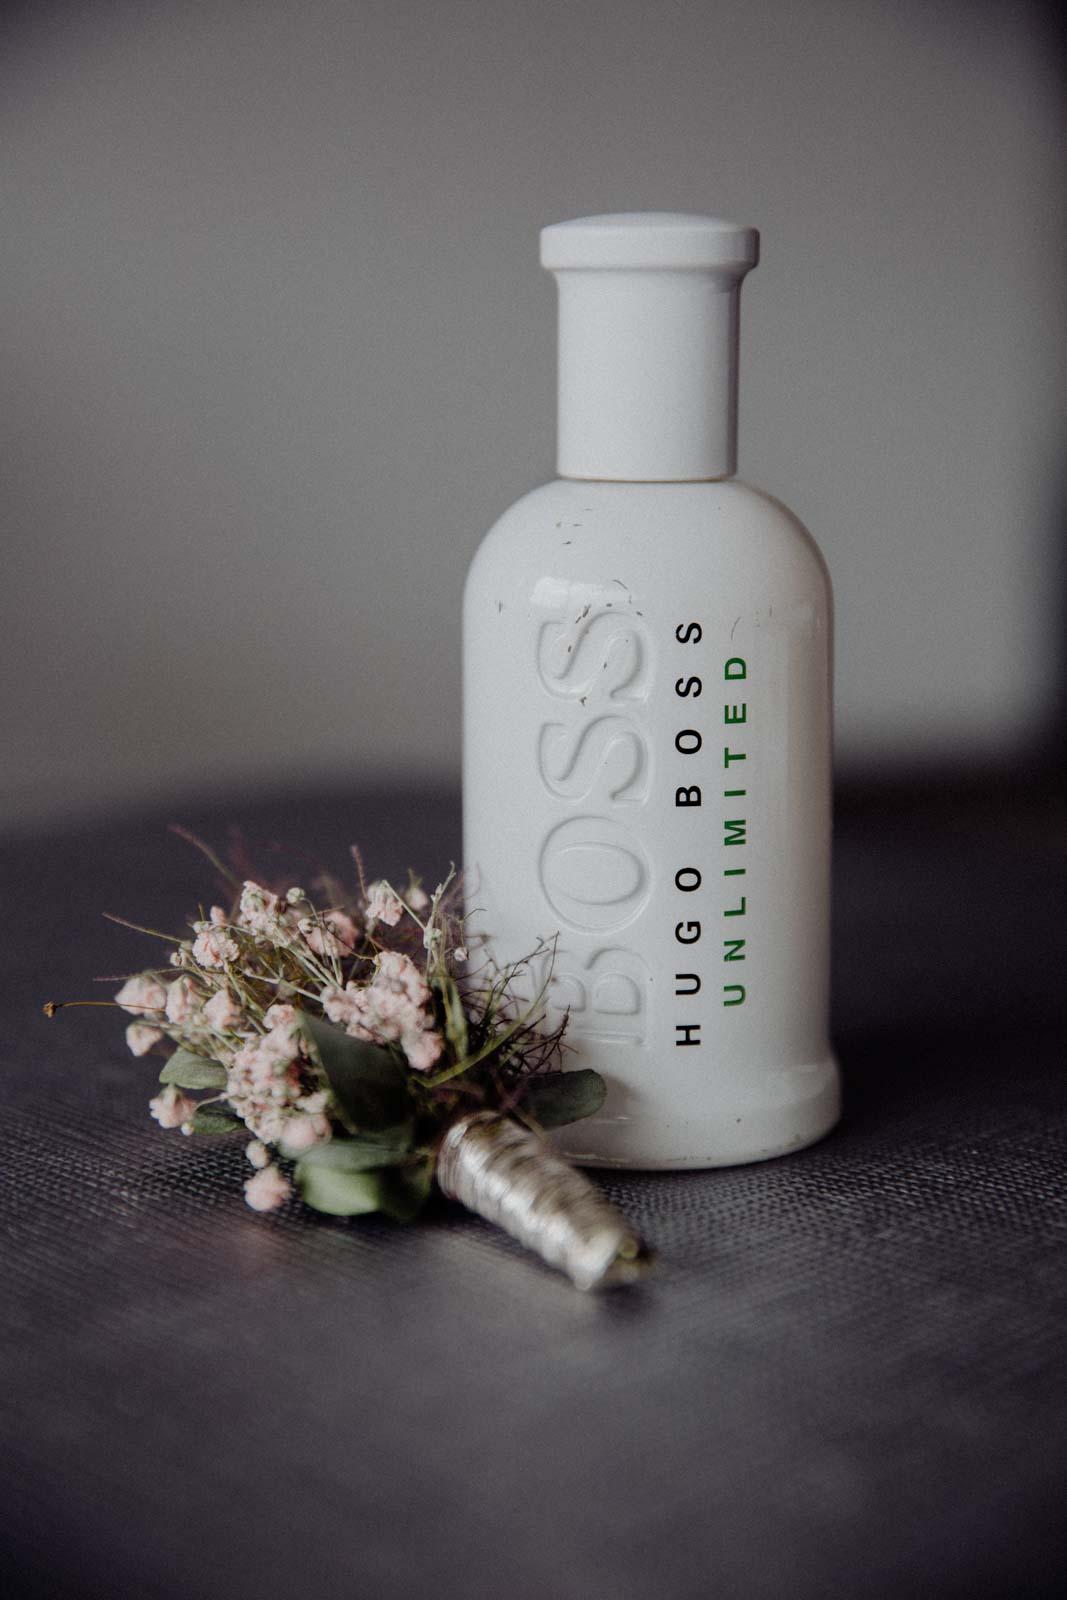 PArfumflasche und Blumenanstecker des Braeutigams